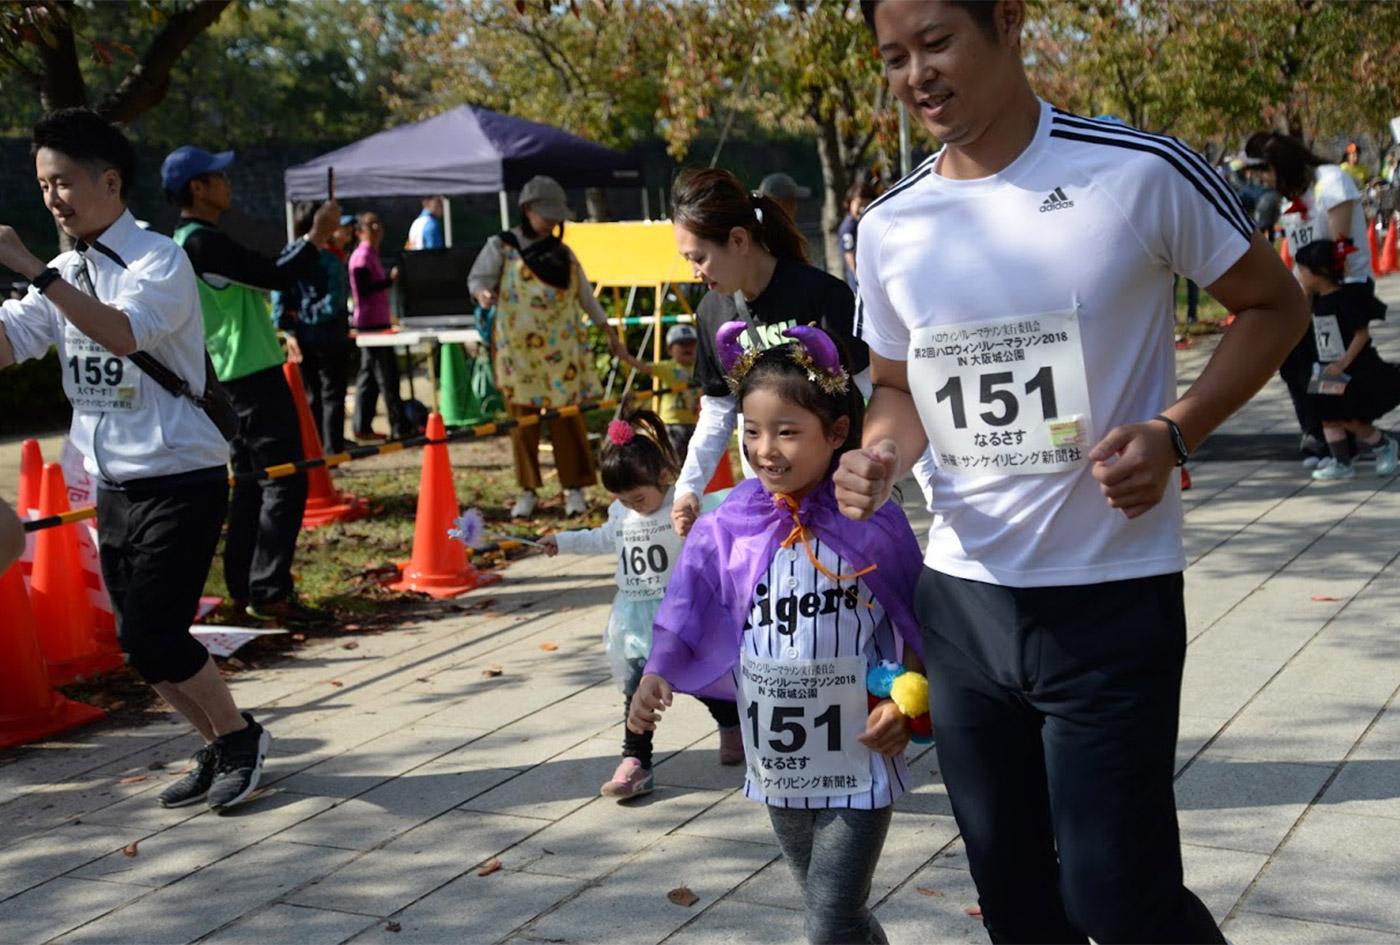 ハロウィンリレーマラソン | 大阪城公園